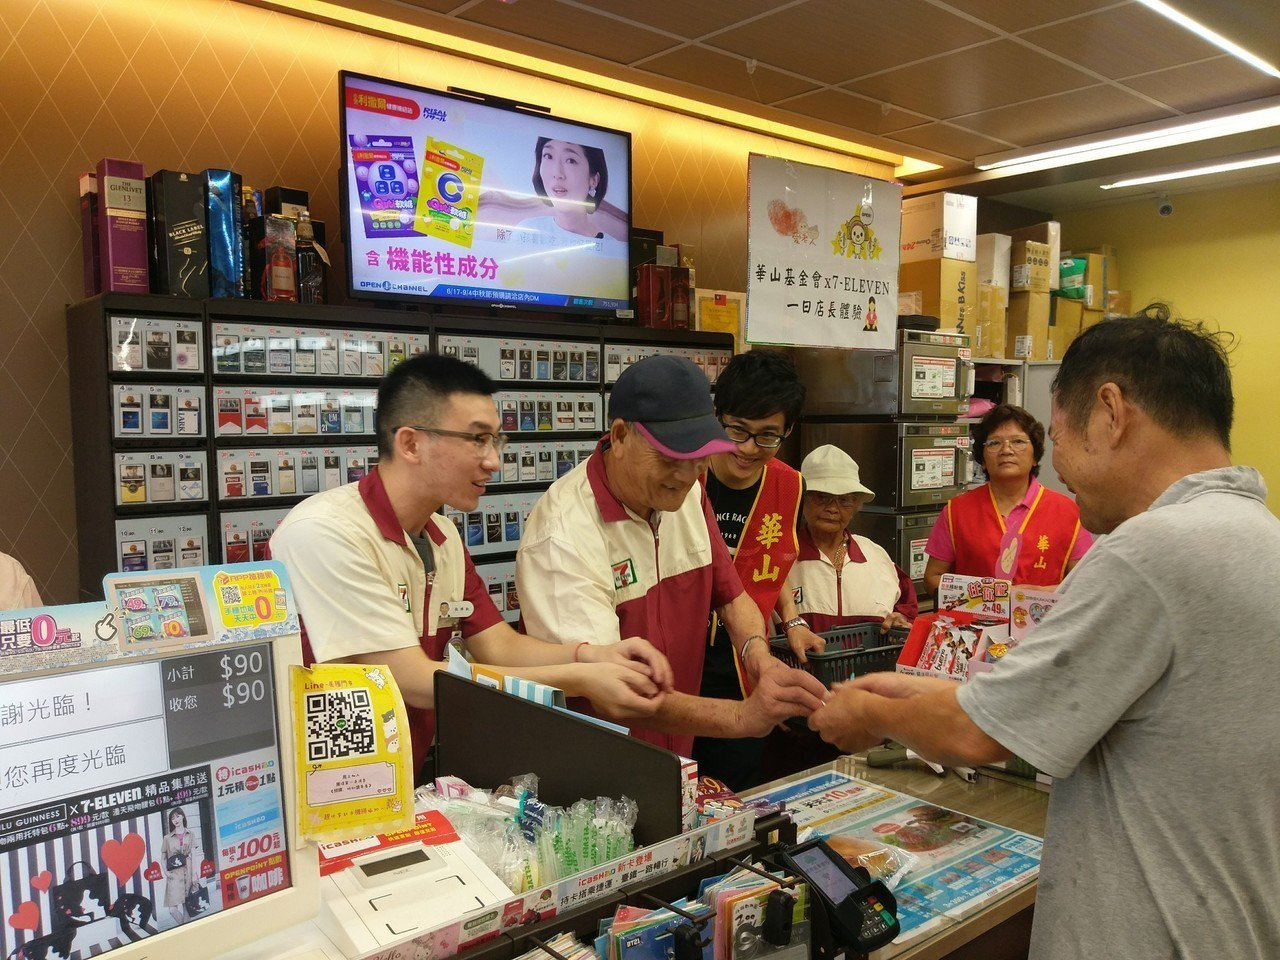 華山基金會安排阿蓮長輩前往便利商店擔任「一日店長」。記者徐白櫻/翻攝